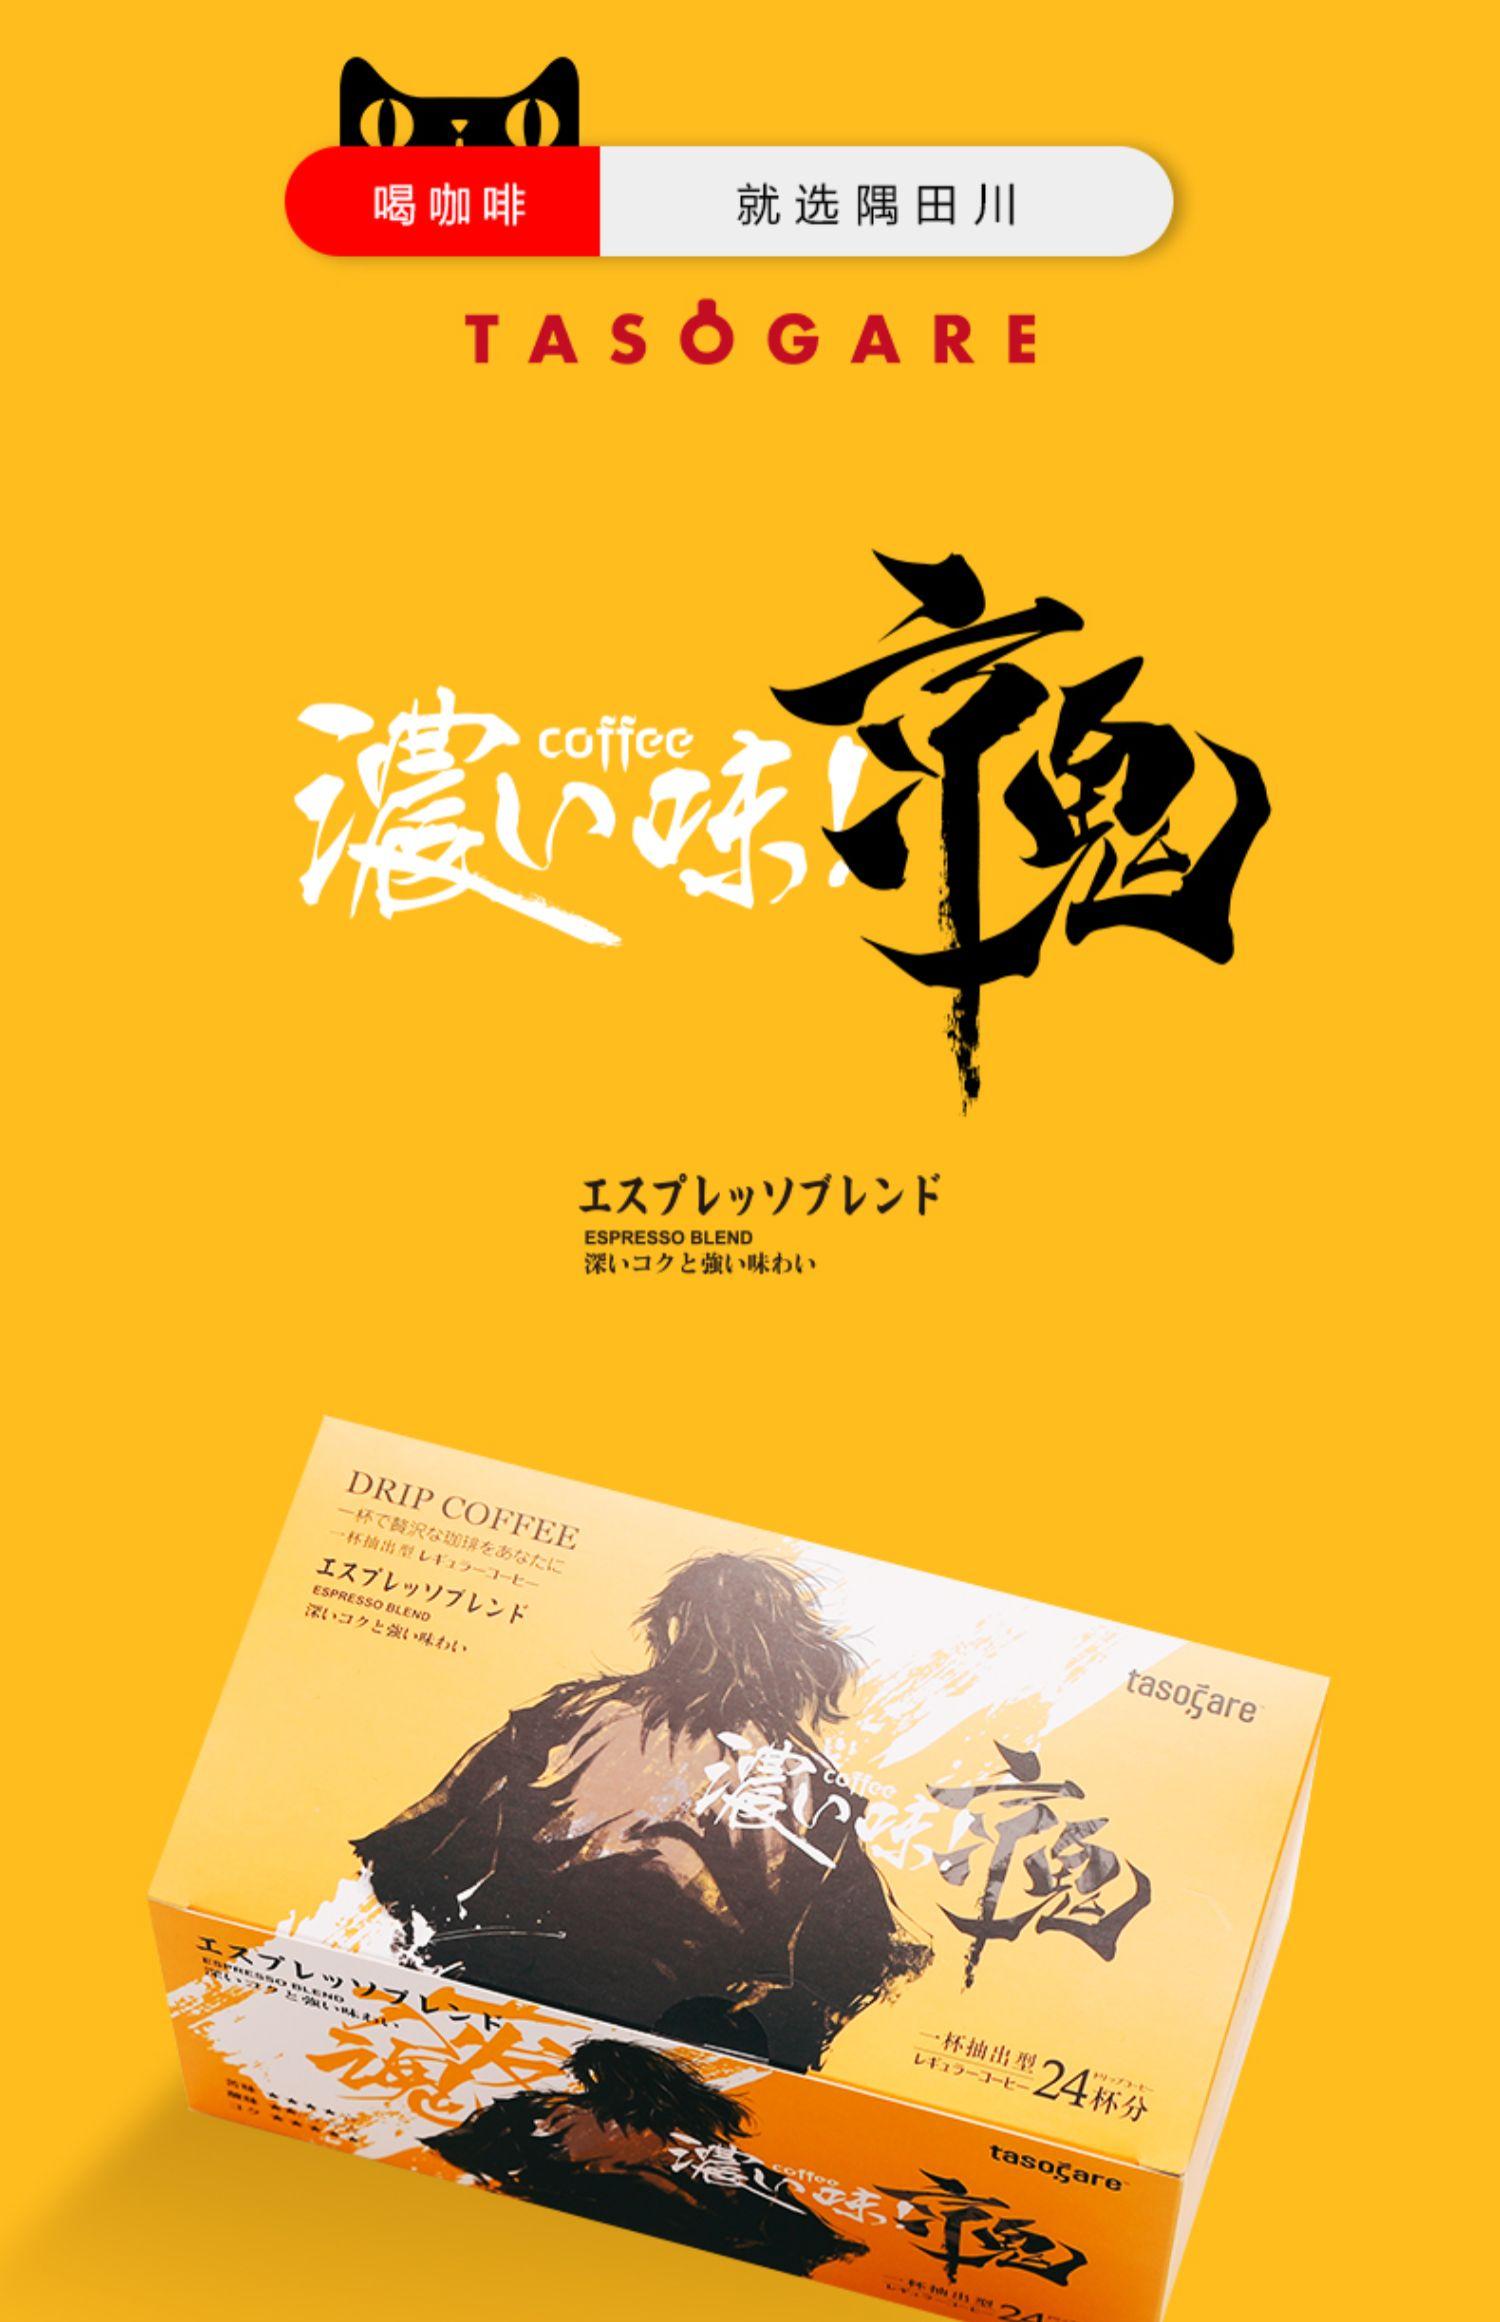 日本进口 隅田川 鬼系列挂耳咖啡 意式特浓纯黑咖啡 24片装 图1